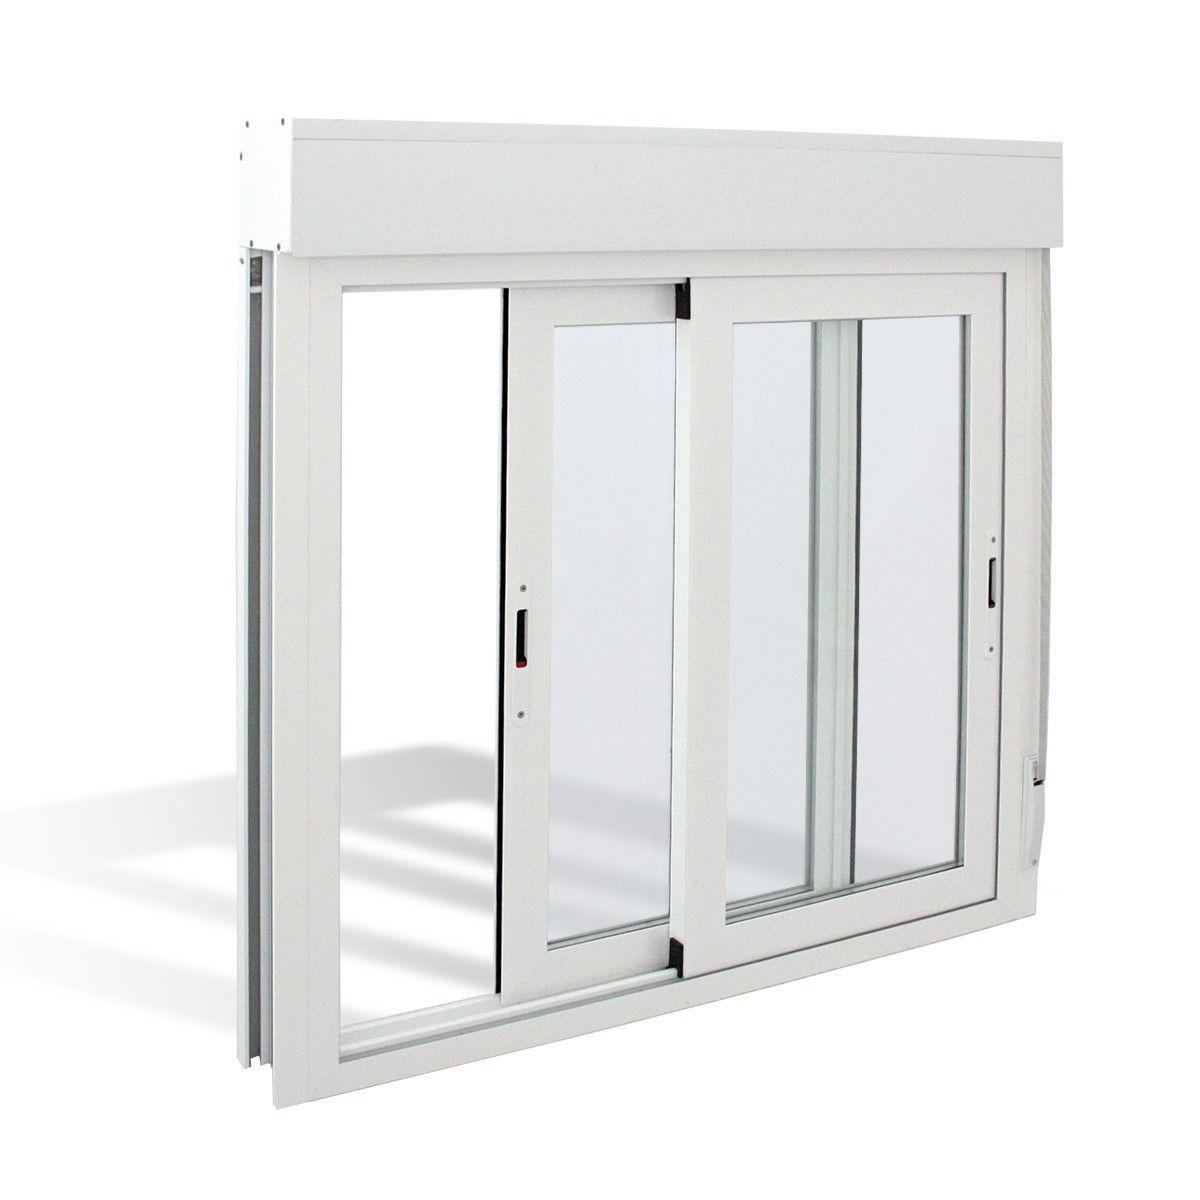 Ventanas correderas de pvc y aluminio precios sin competencia mejro calidad llama nos 966 28 - Precio de ventanas de aluminio ...